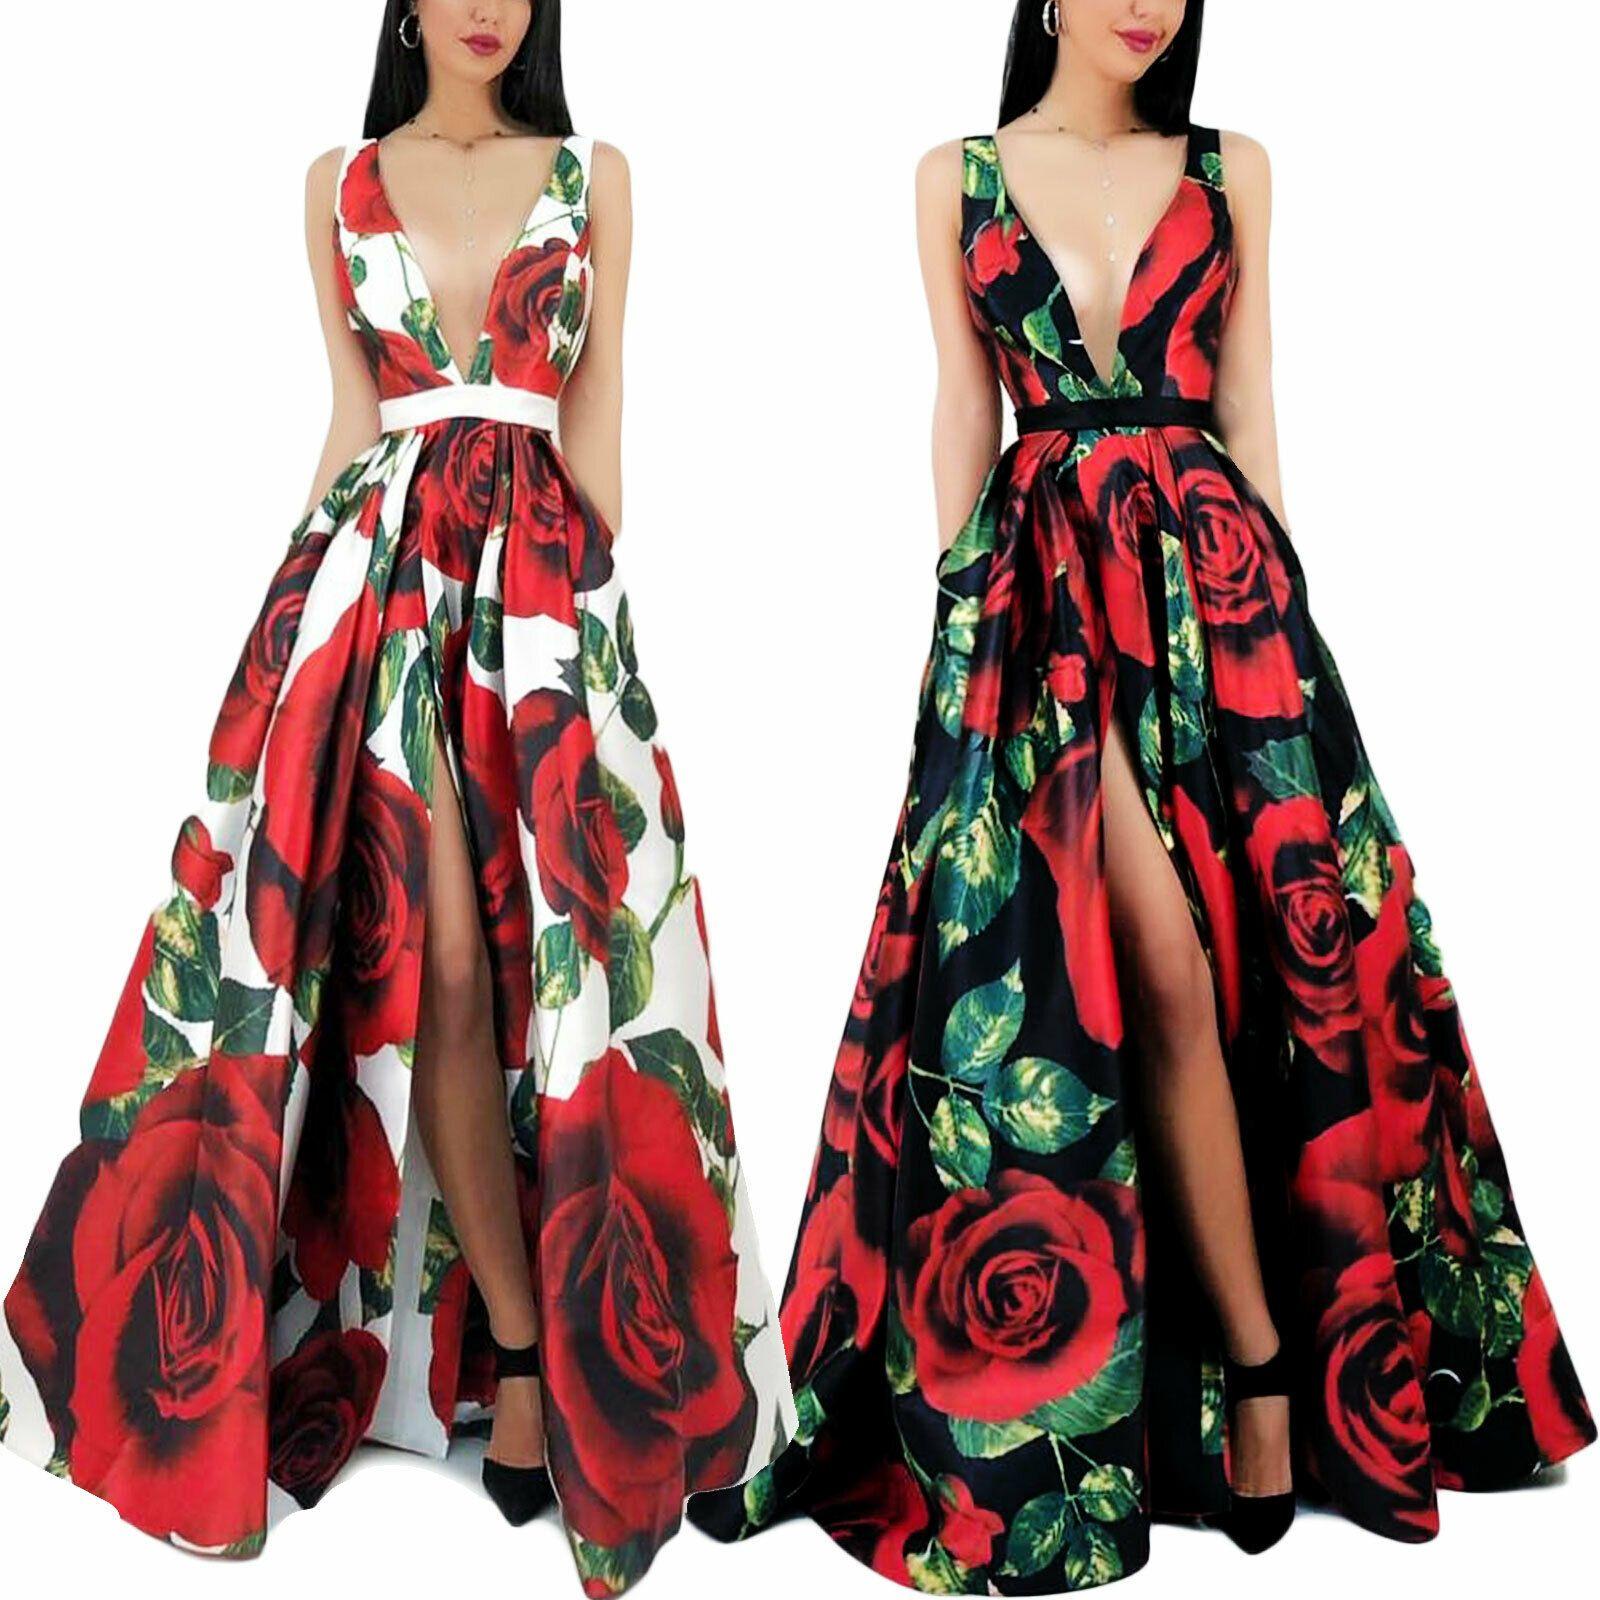 Vestiti Eleganti A Fiori.Pin On Abiti Eleganti Donna